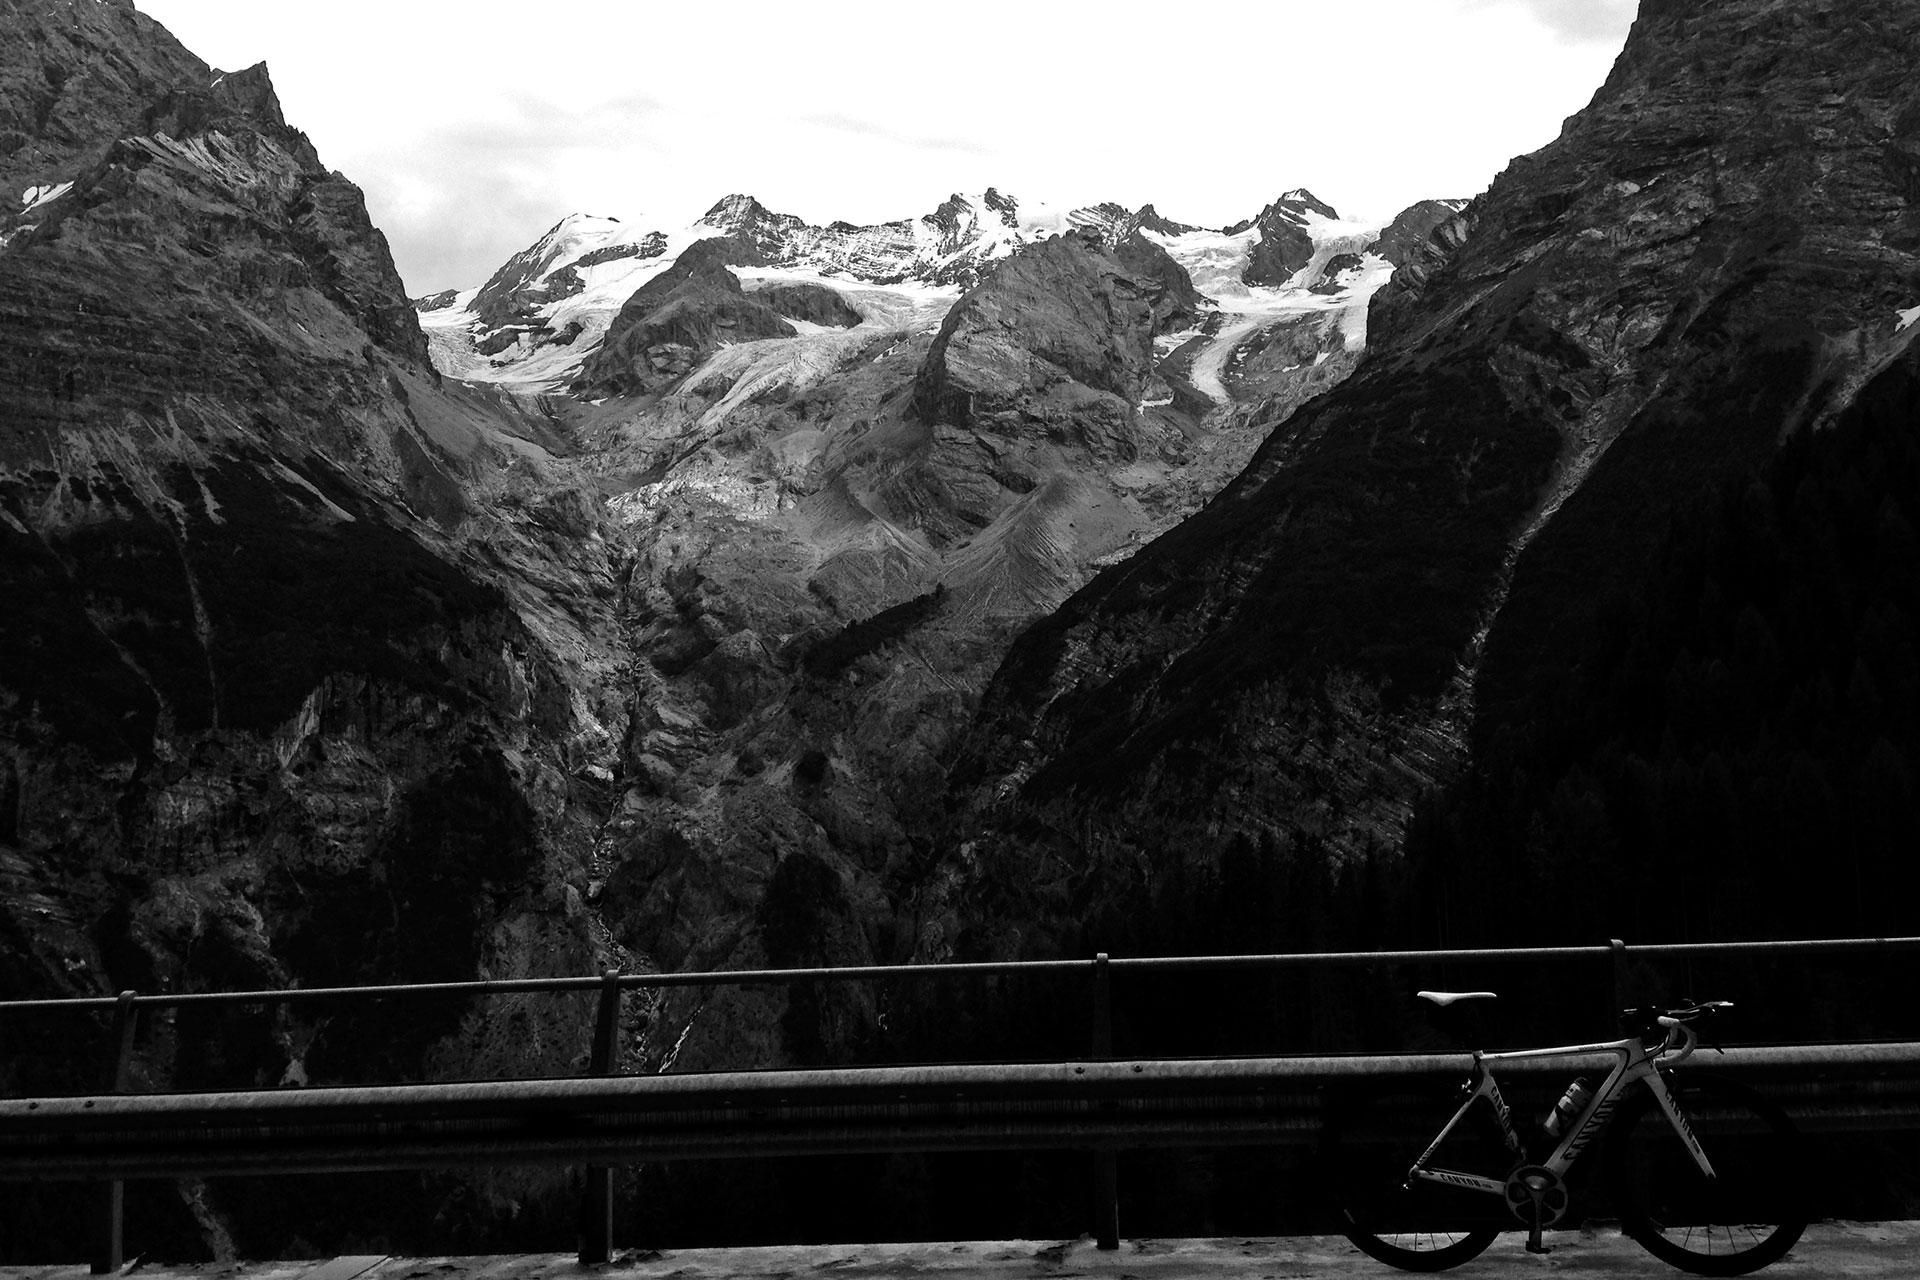 DAS STILFSER JOCH 48 Kehren in Fels gemeisselt / Imposanter Anblick des Ortlermassivs © stefandrexl.de